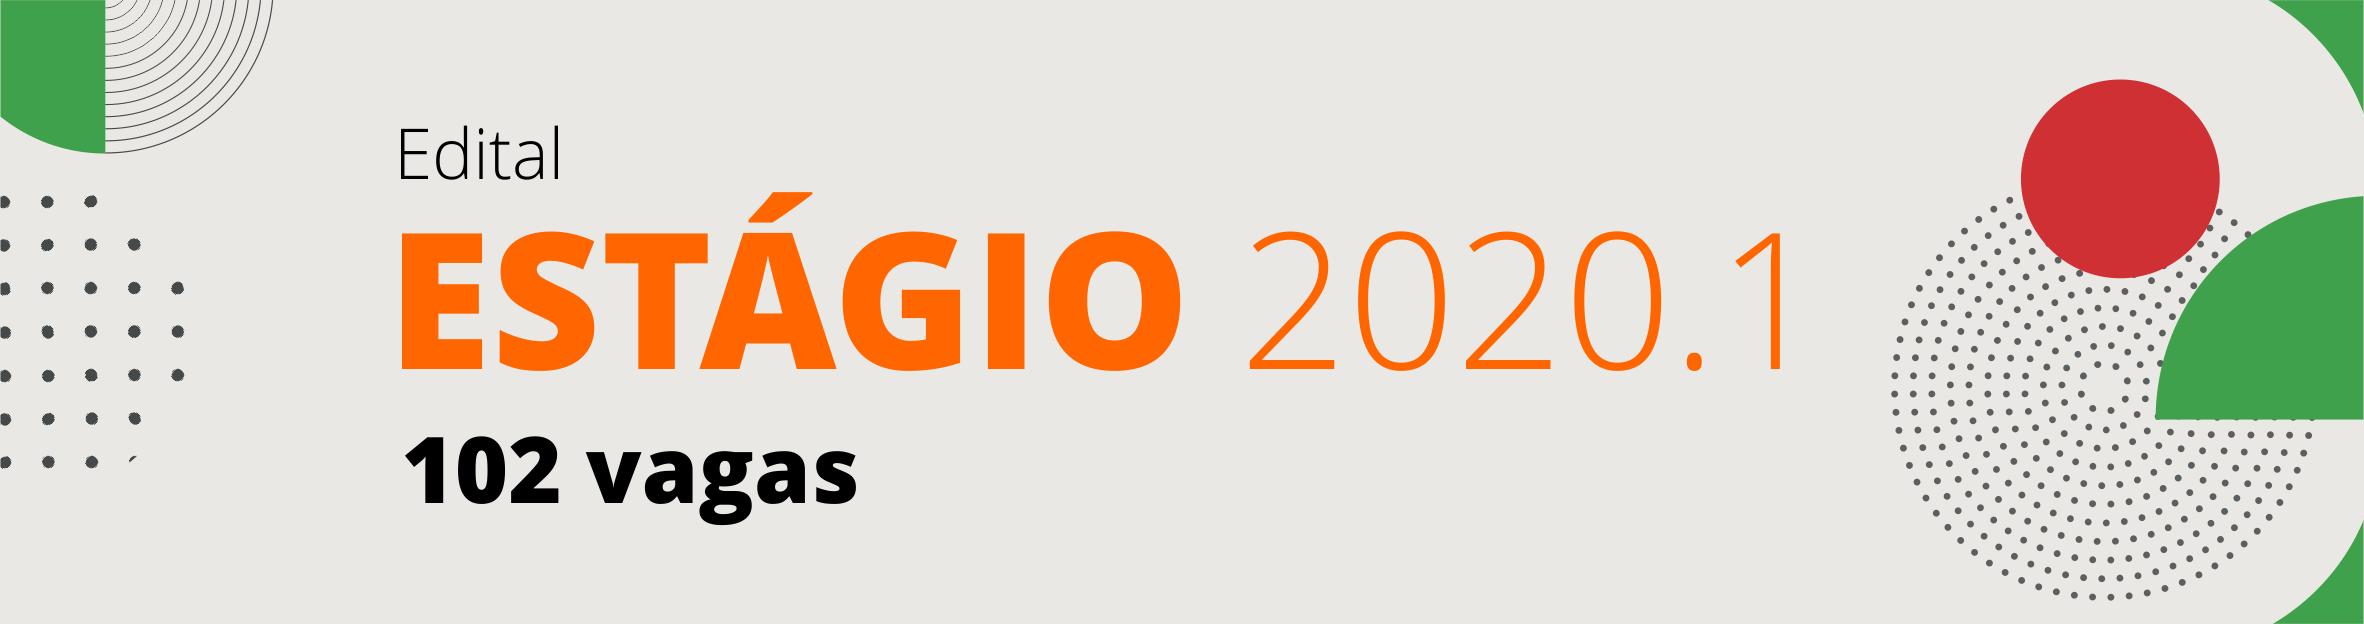 Banner estagio 2020.1 Campus Goiania